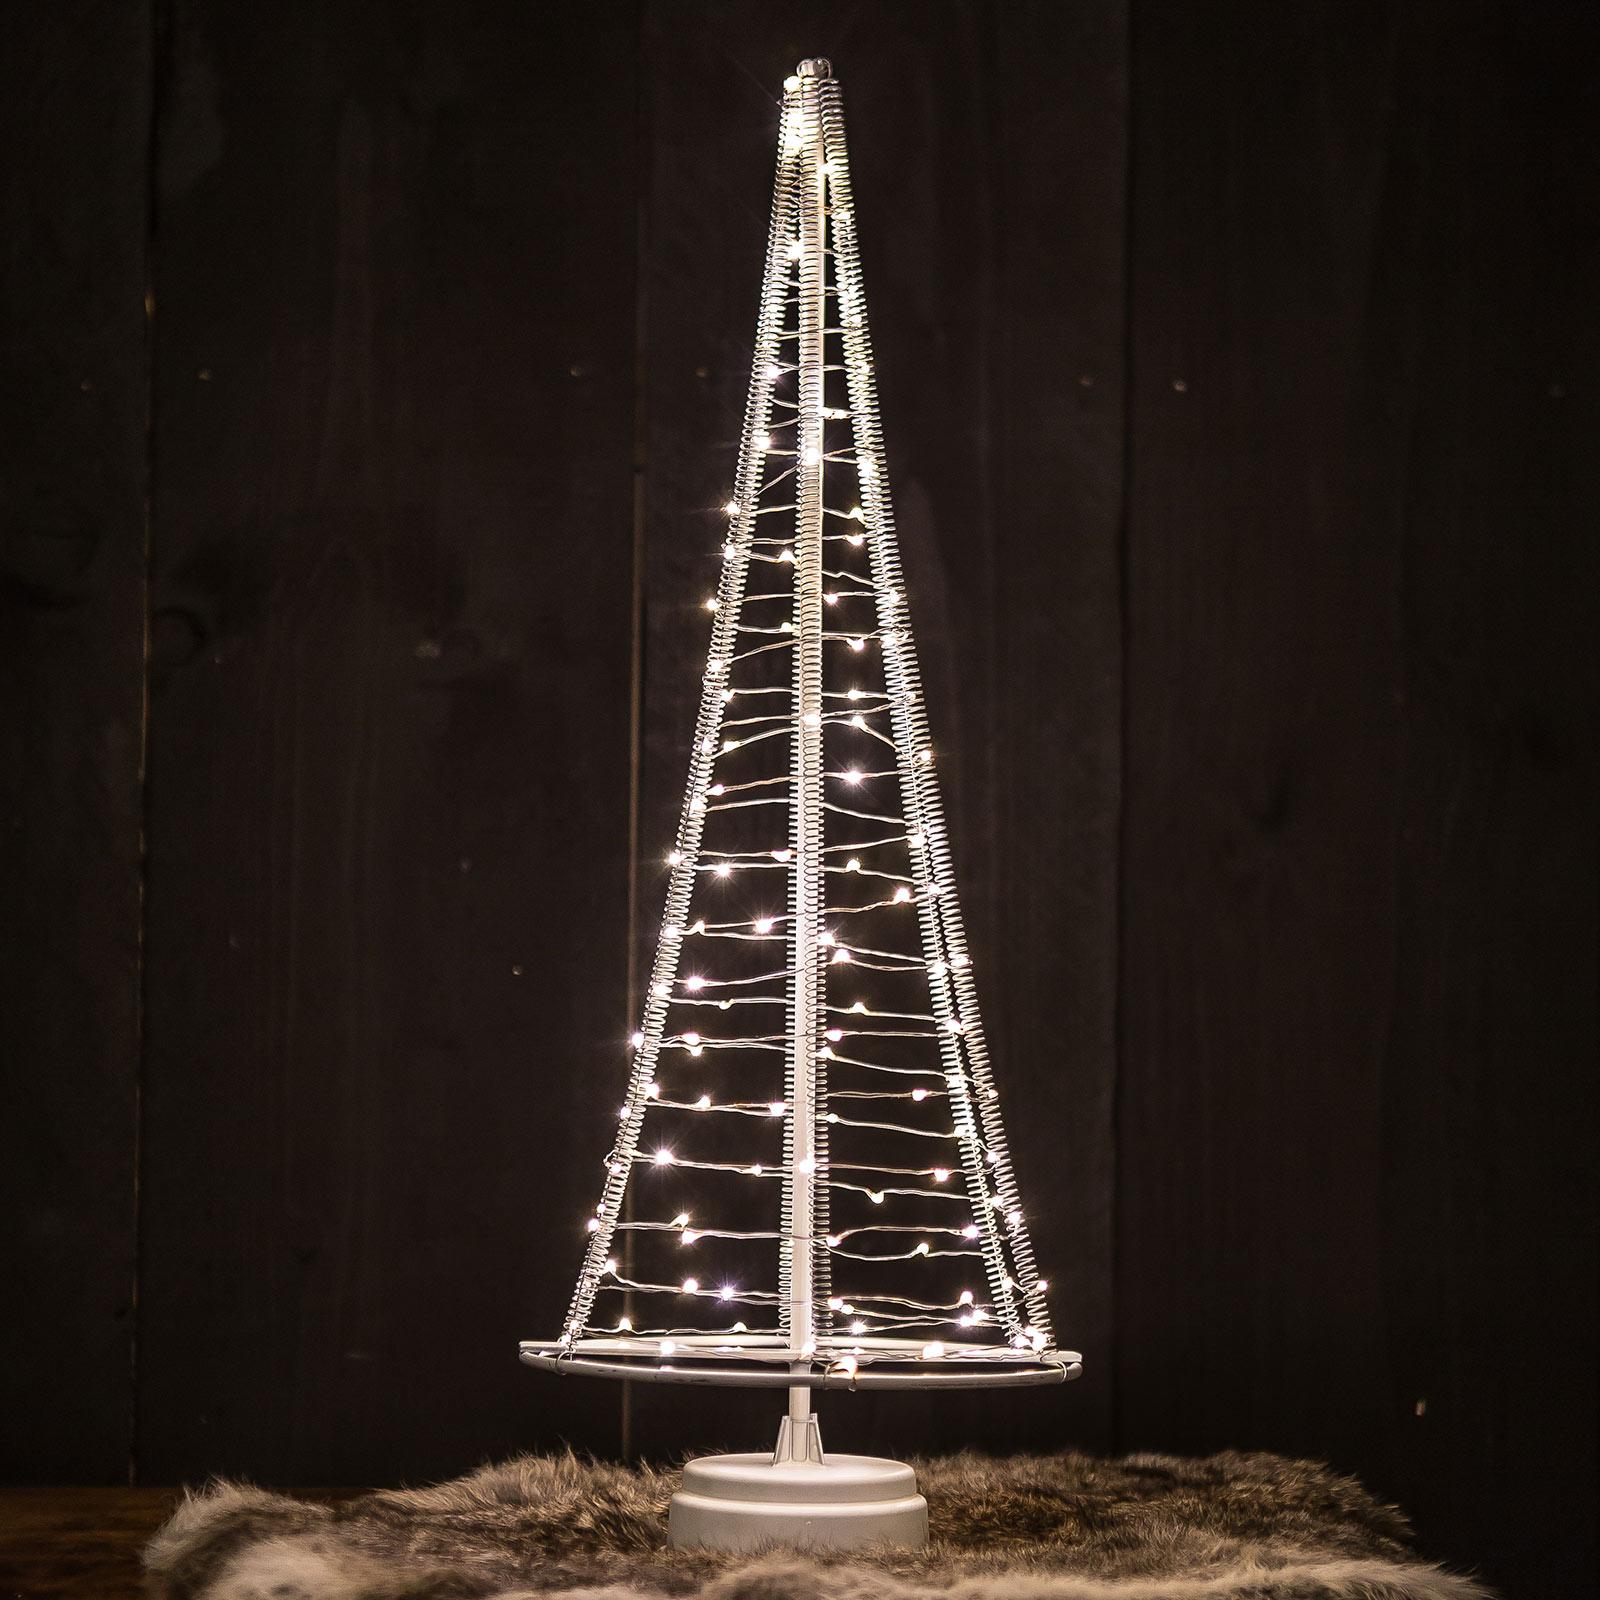 Santa's Tree træ, sølvfarvet ledning